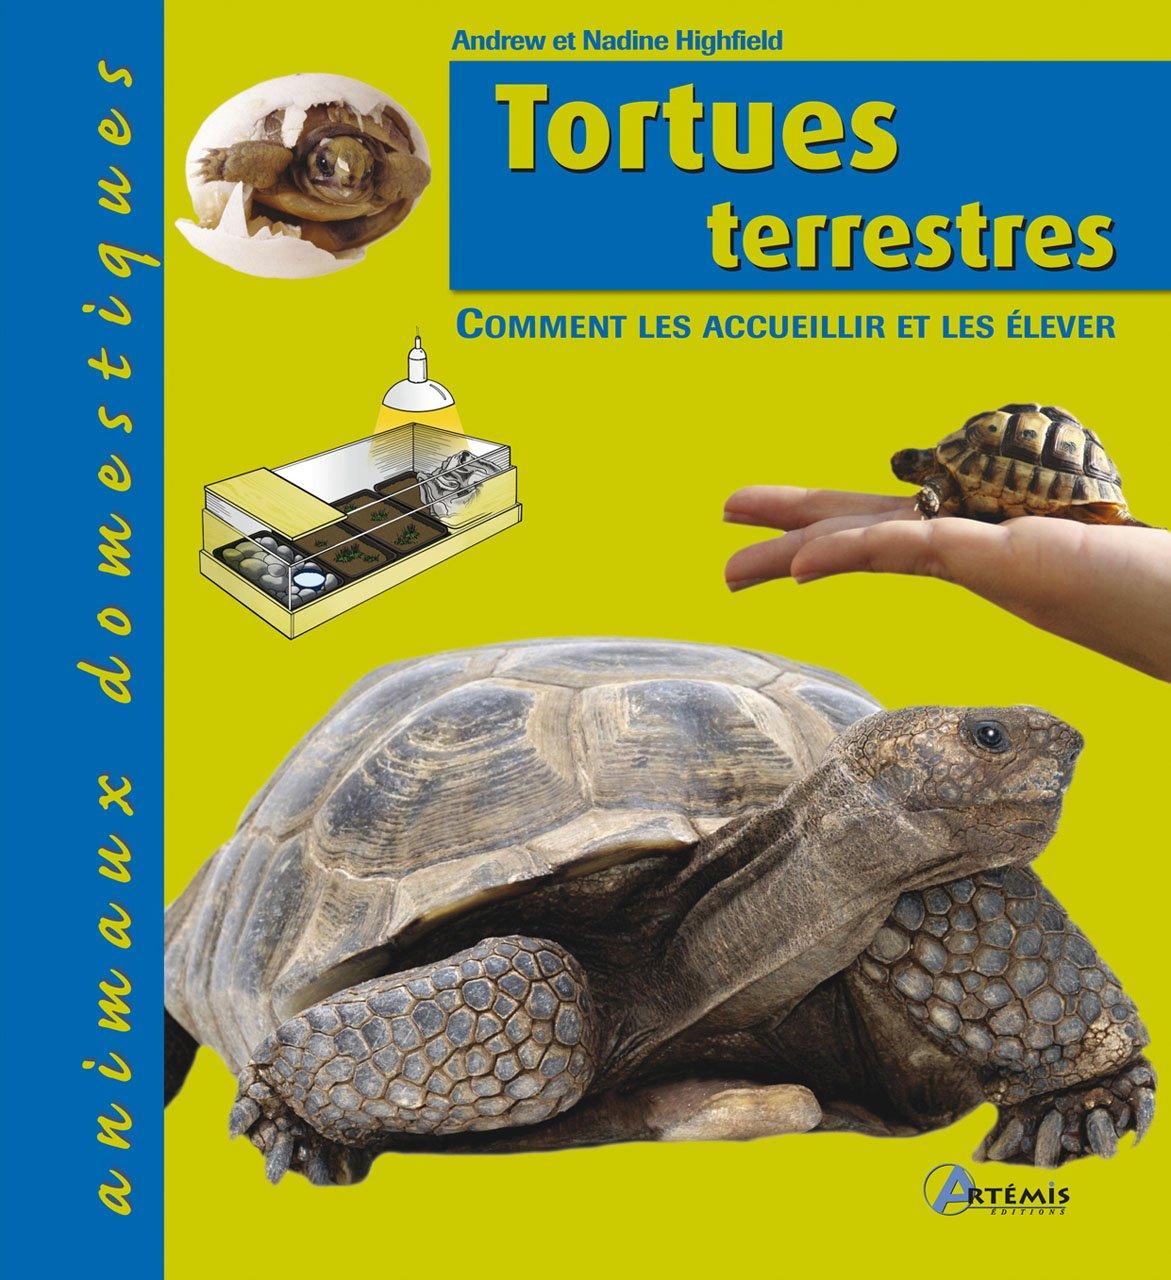 Tortues terrestres : Comment les accueillir et les élever Broché – 27 juillet 2011 Andrew Highfield Nadine Highfield Marie-Line Hillairet Editions Artémis